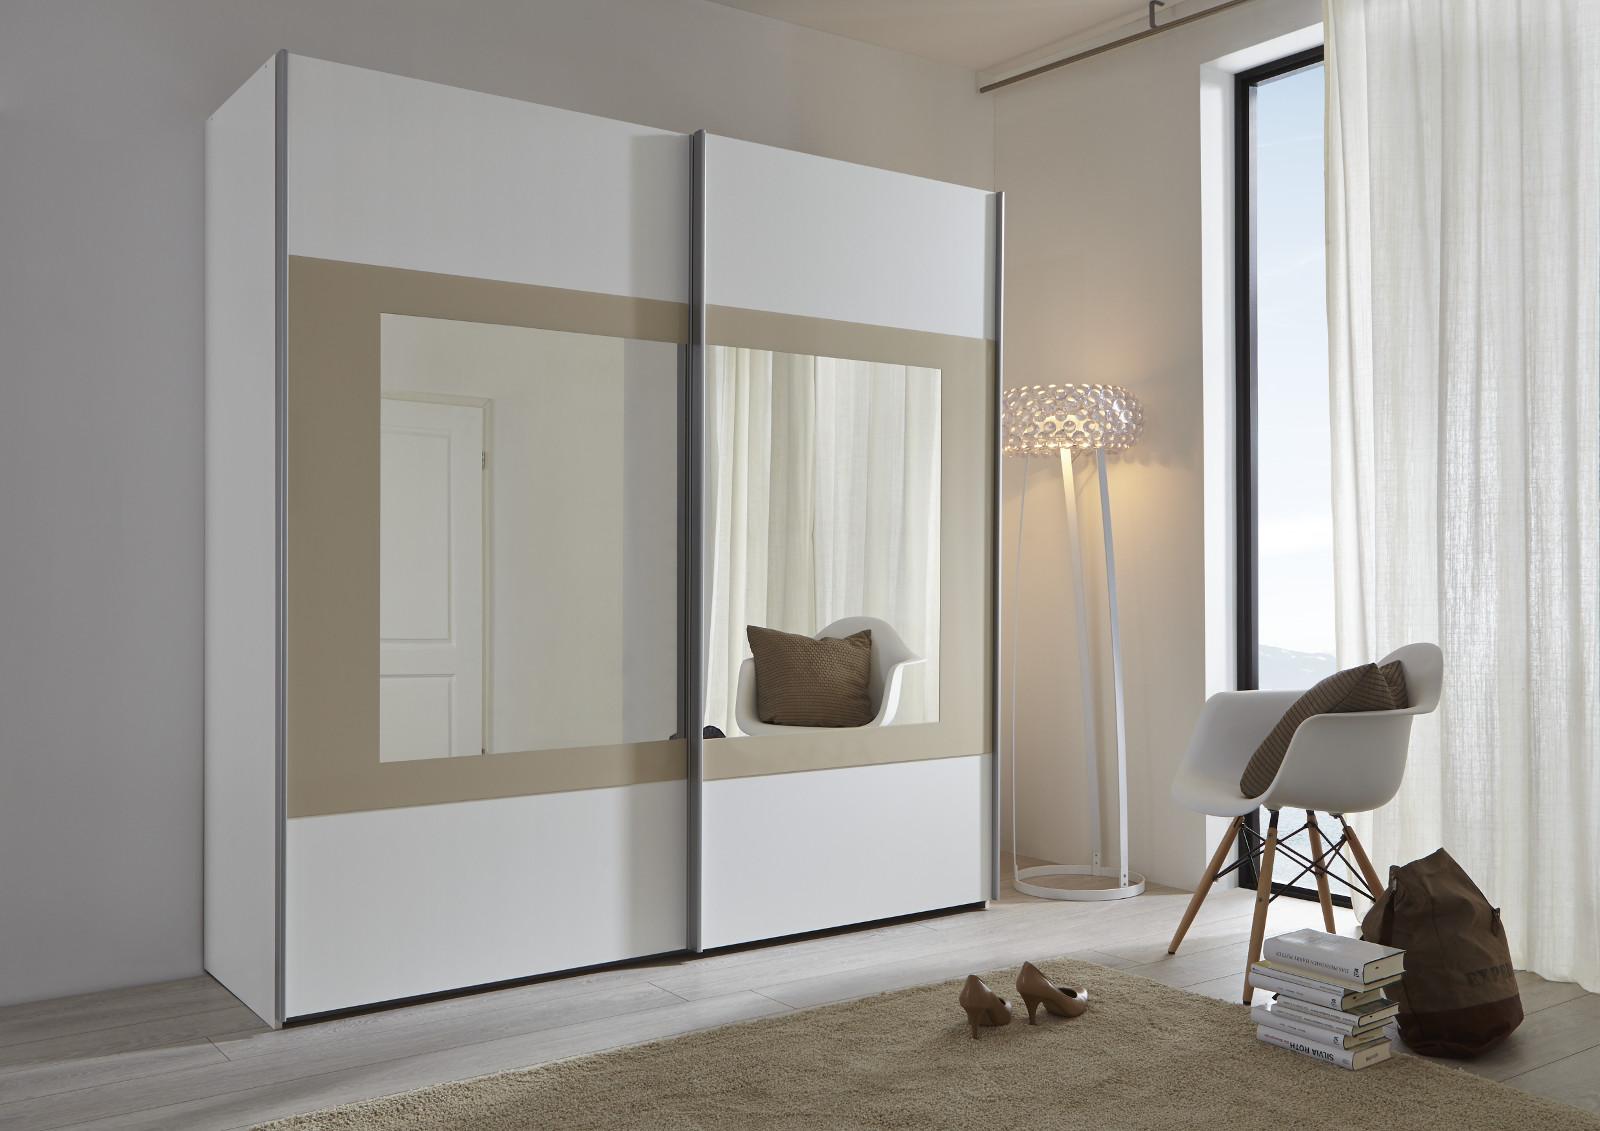 Kleiderschrank weiß schwarz mit spiegel  Schwebetürenschrank schwarz Spiegel Rundspiegel